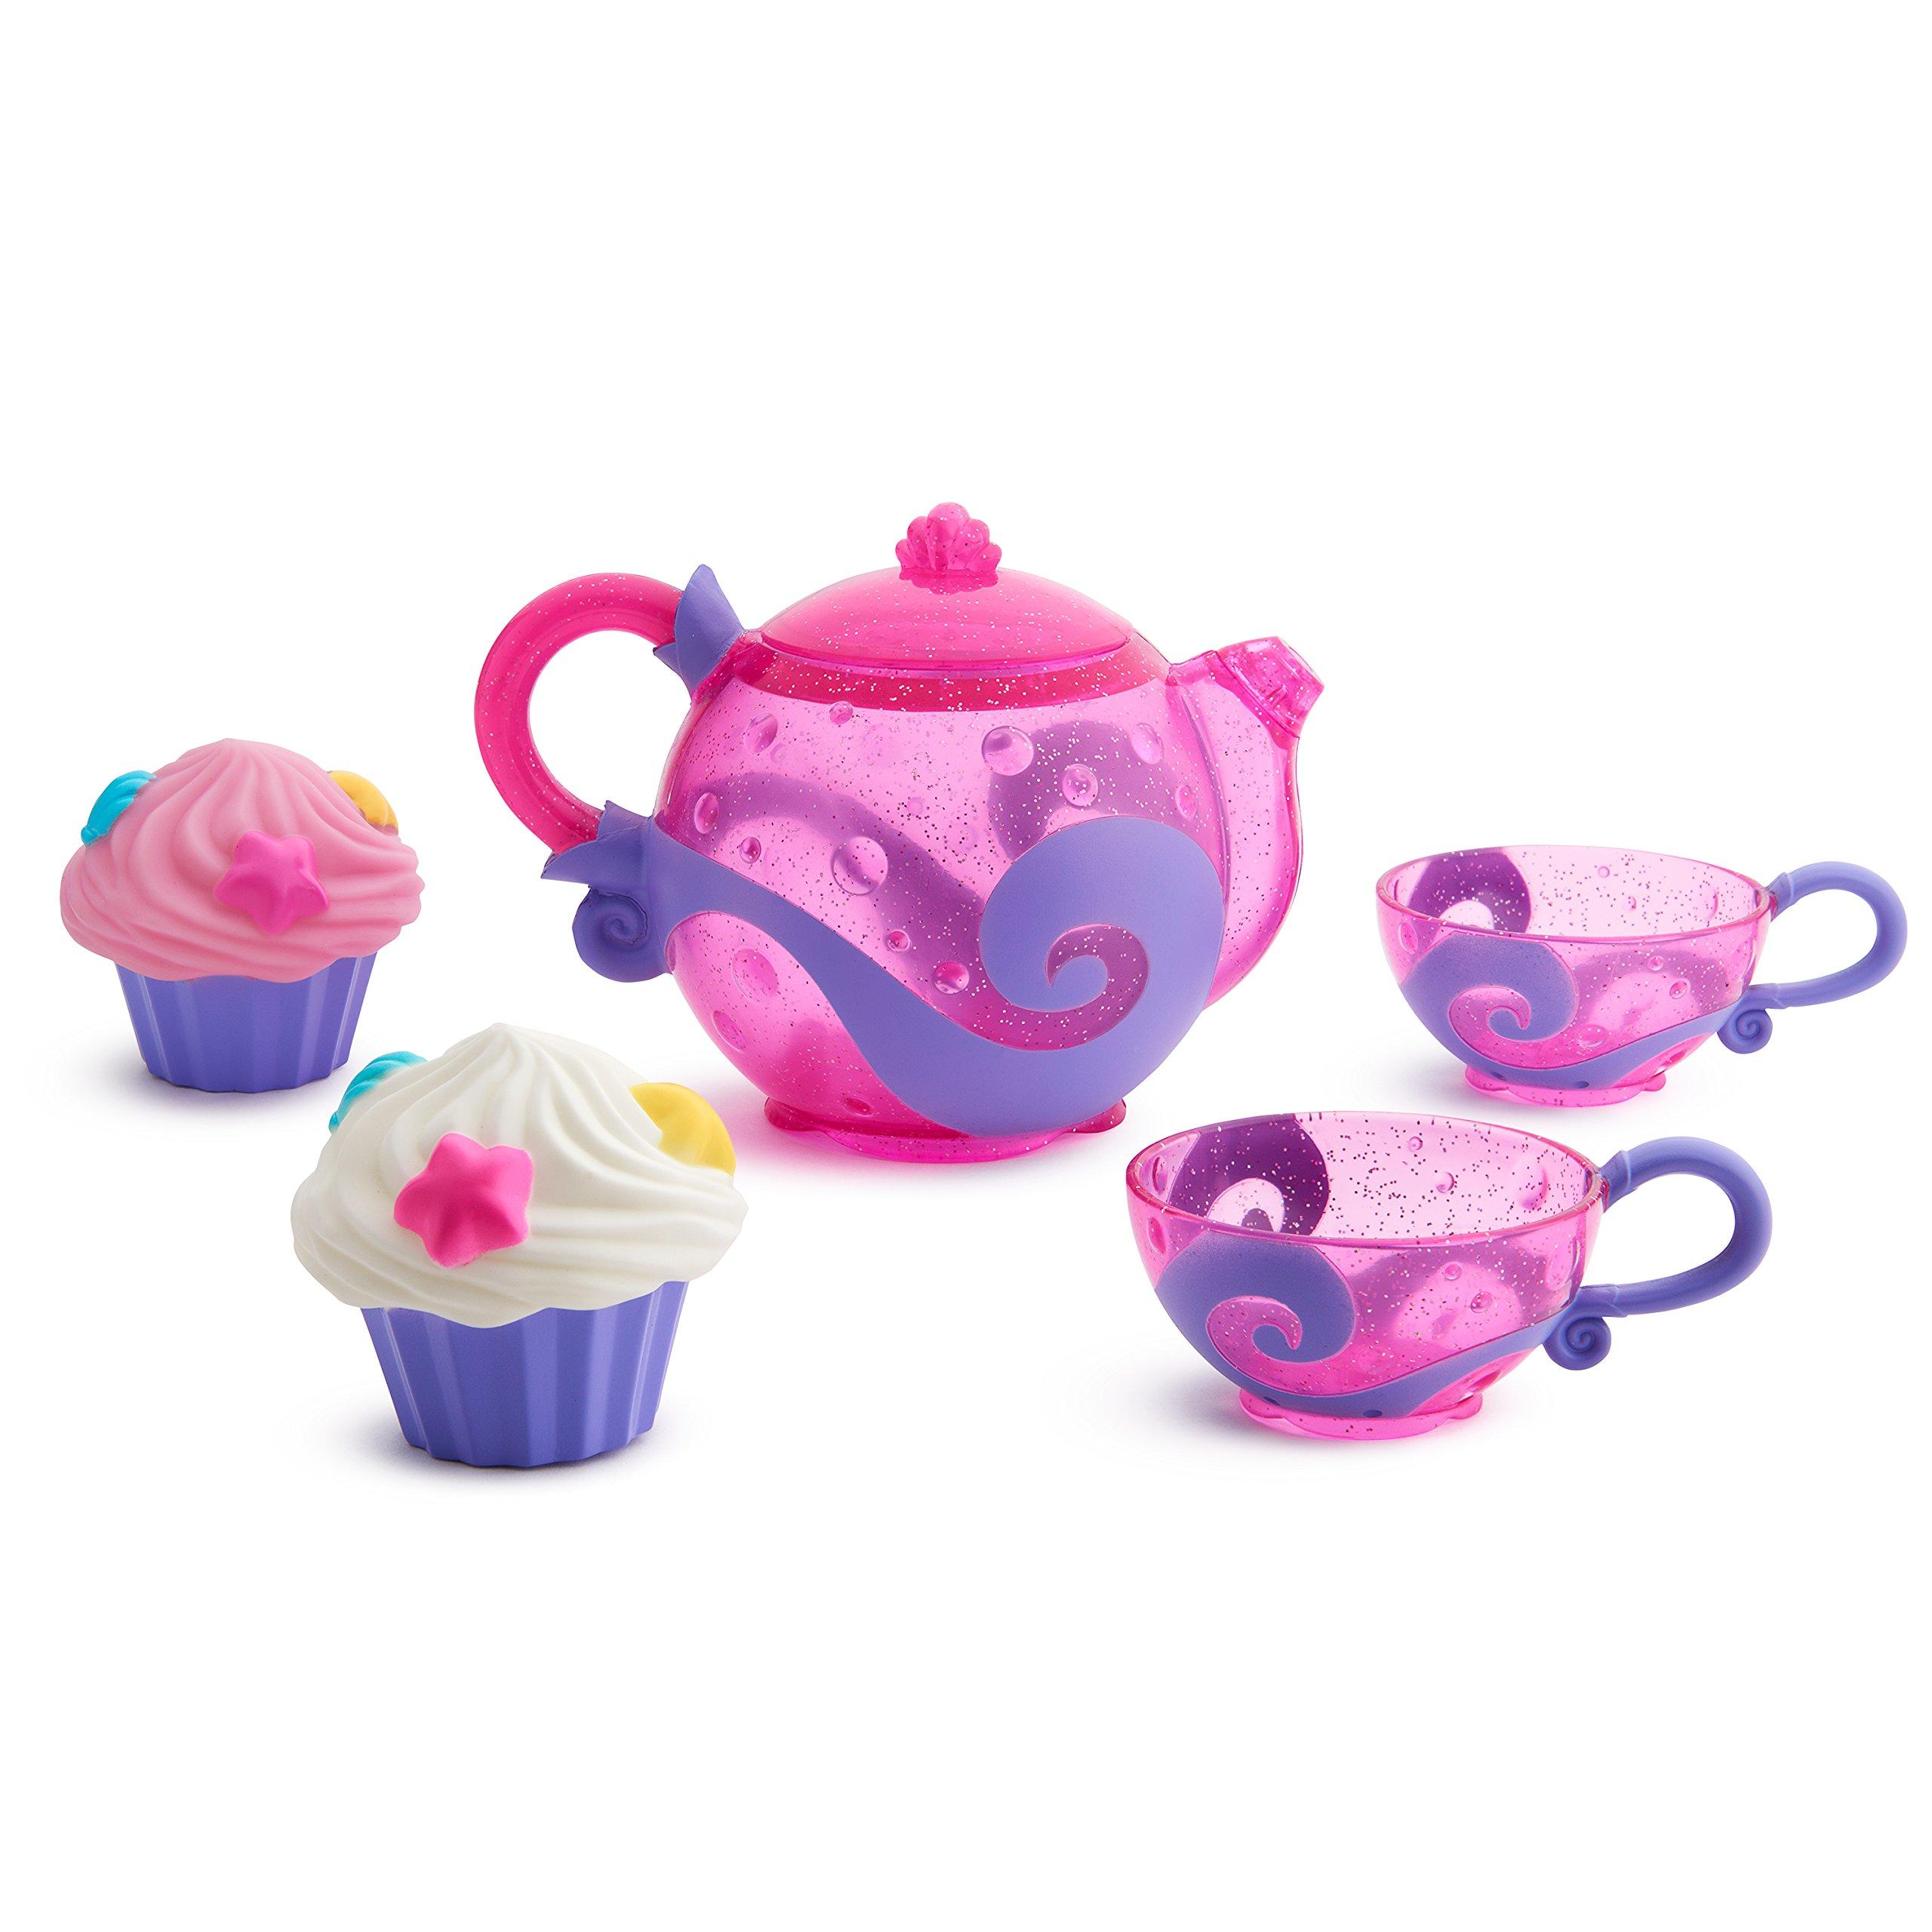 Munchkin Bath Tea and Cupcake Set by Munchkin